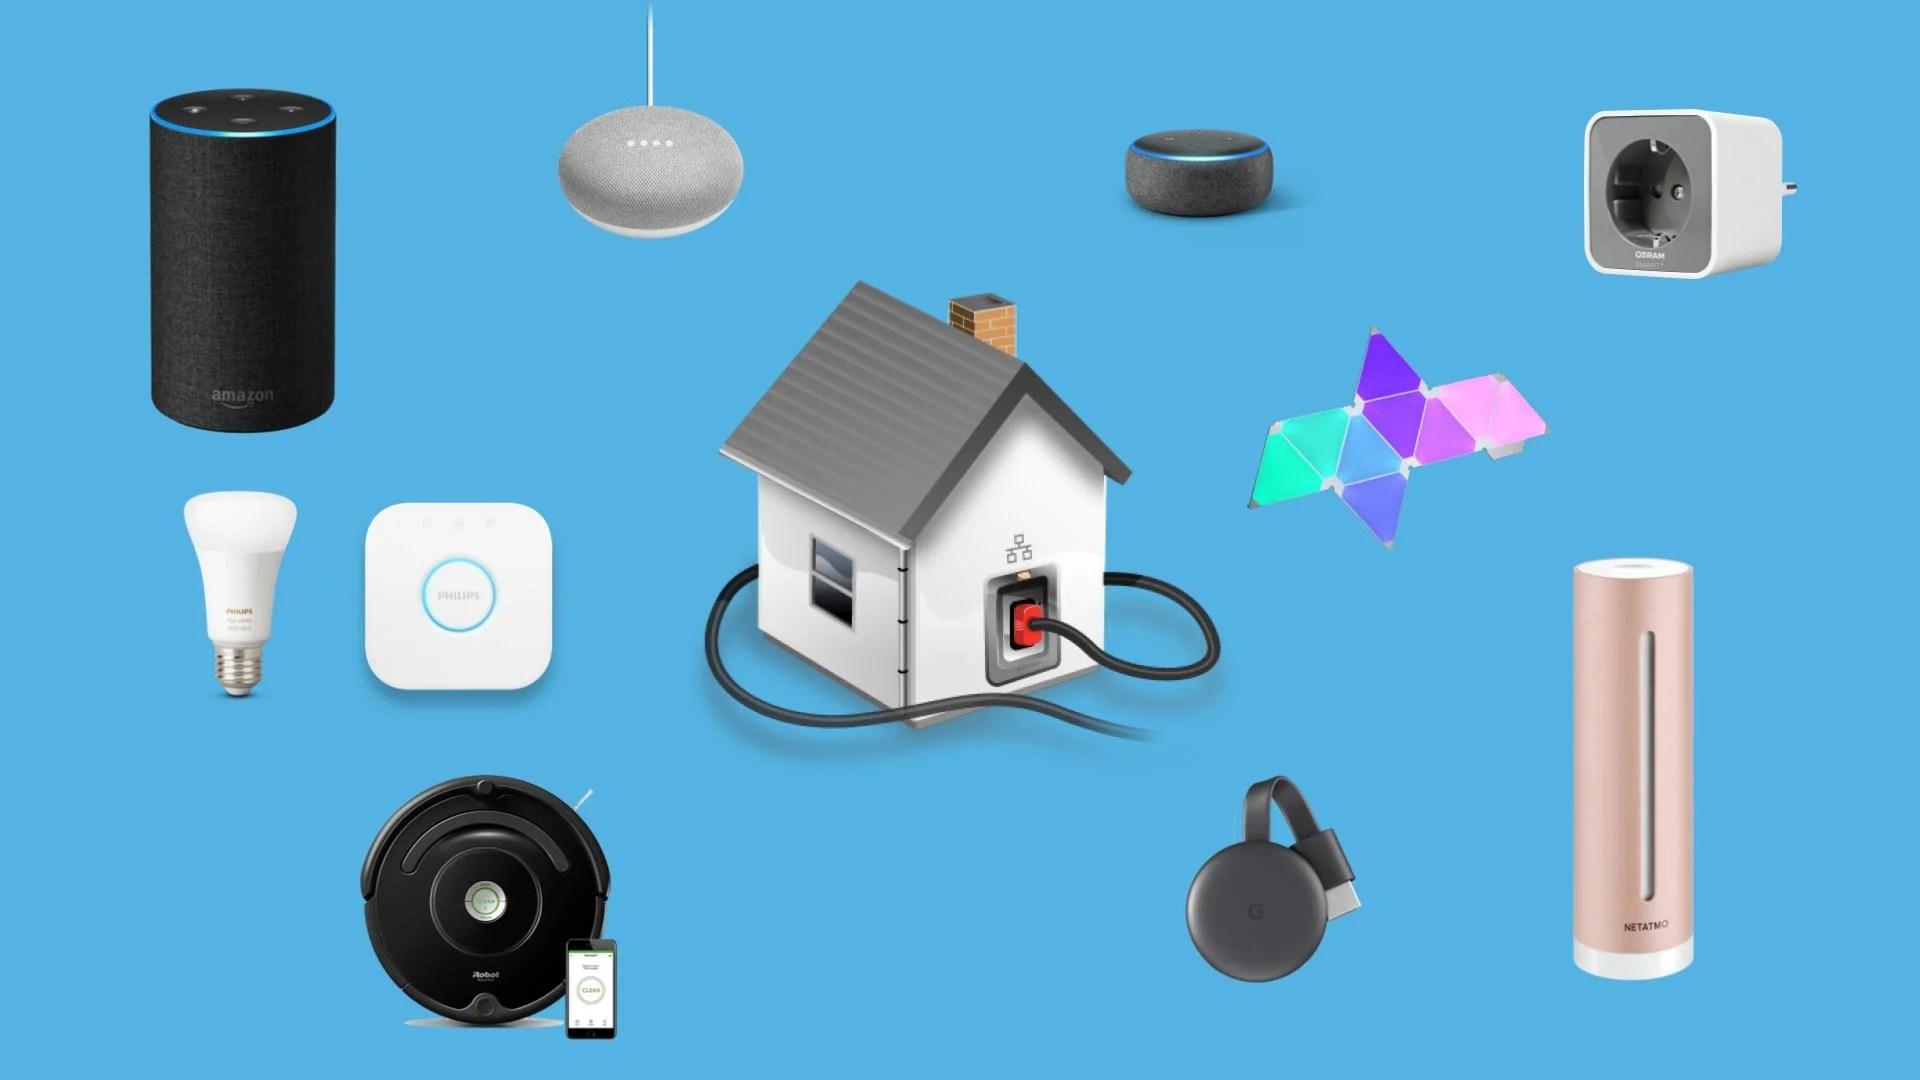 Guide d'achat : 9 produits pour rendre sa maison connectée (en profitant des promos des Prime Day)